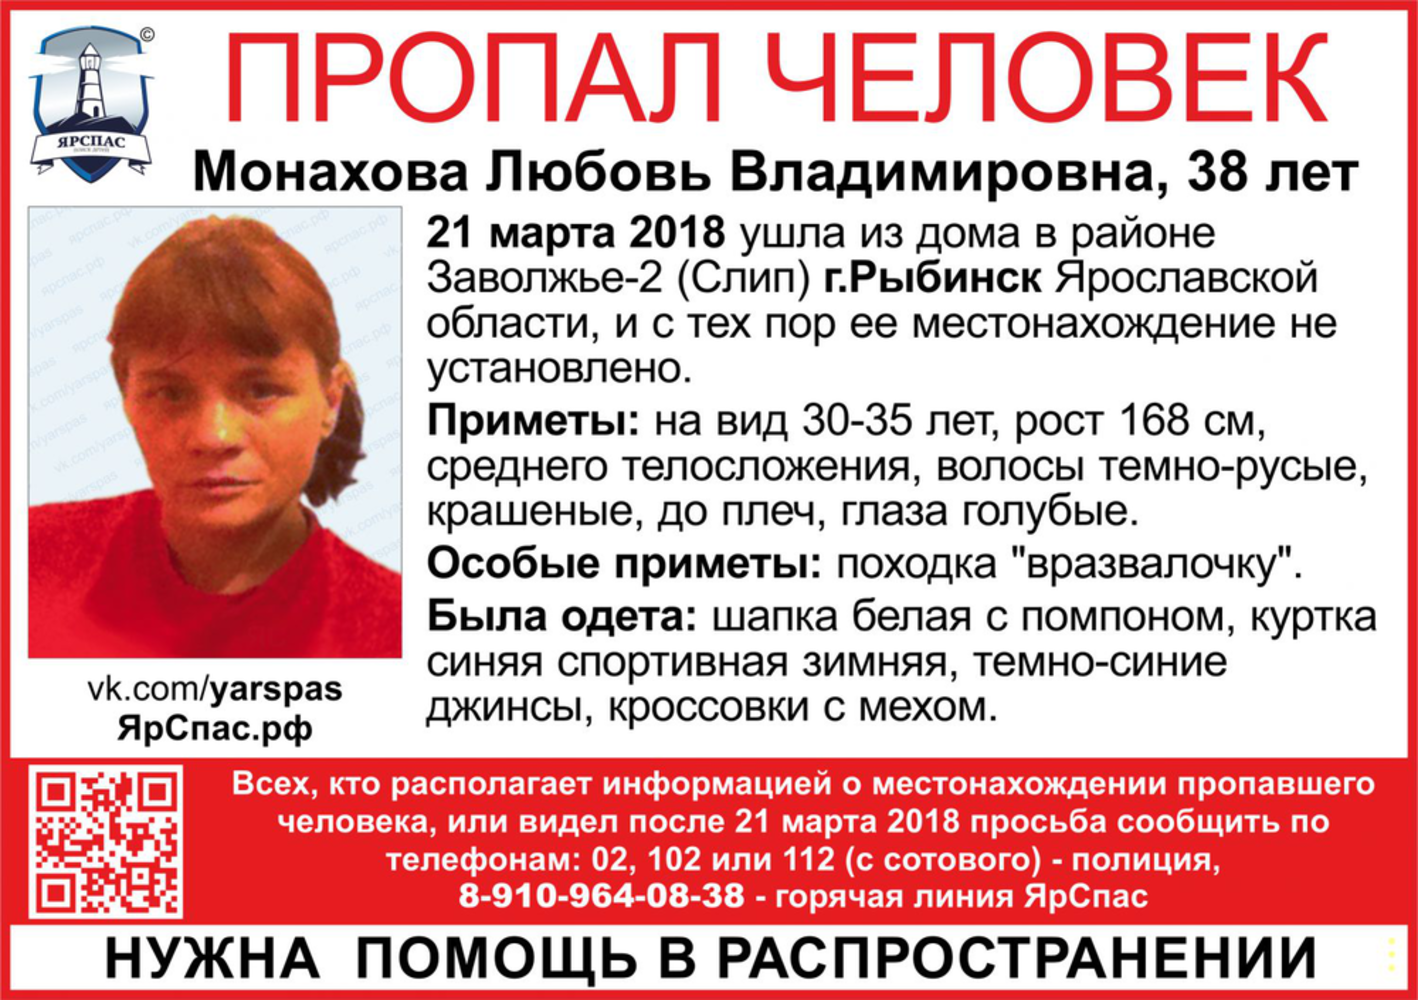 ВРыбинске пропала женщина споходкой вразвалочку